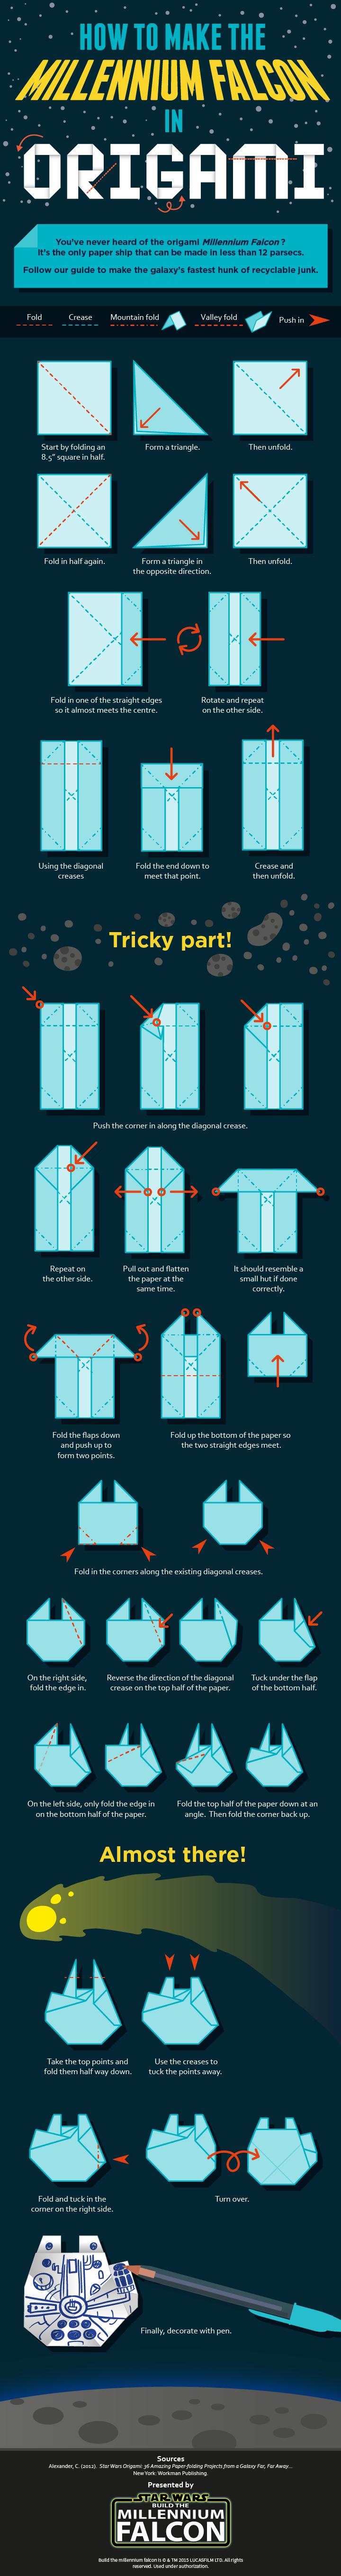 millennium falcon origami